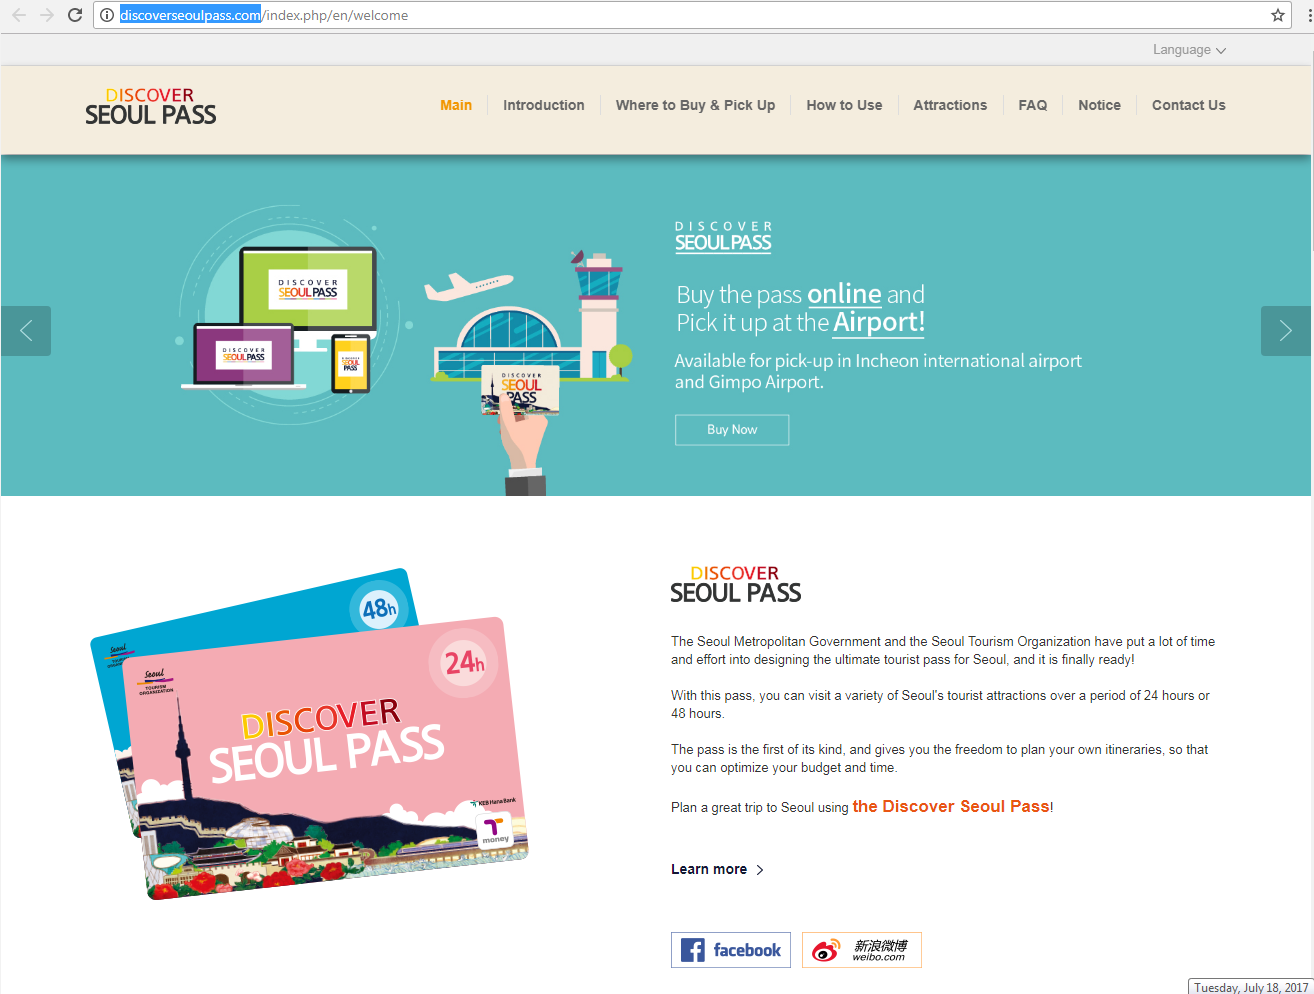 Website mua thẻ chính thức của Discovery Seoul Pass